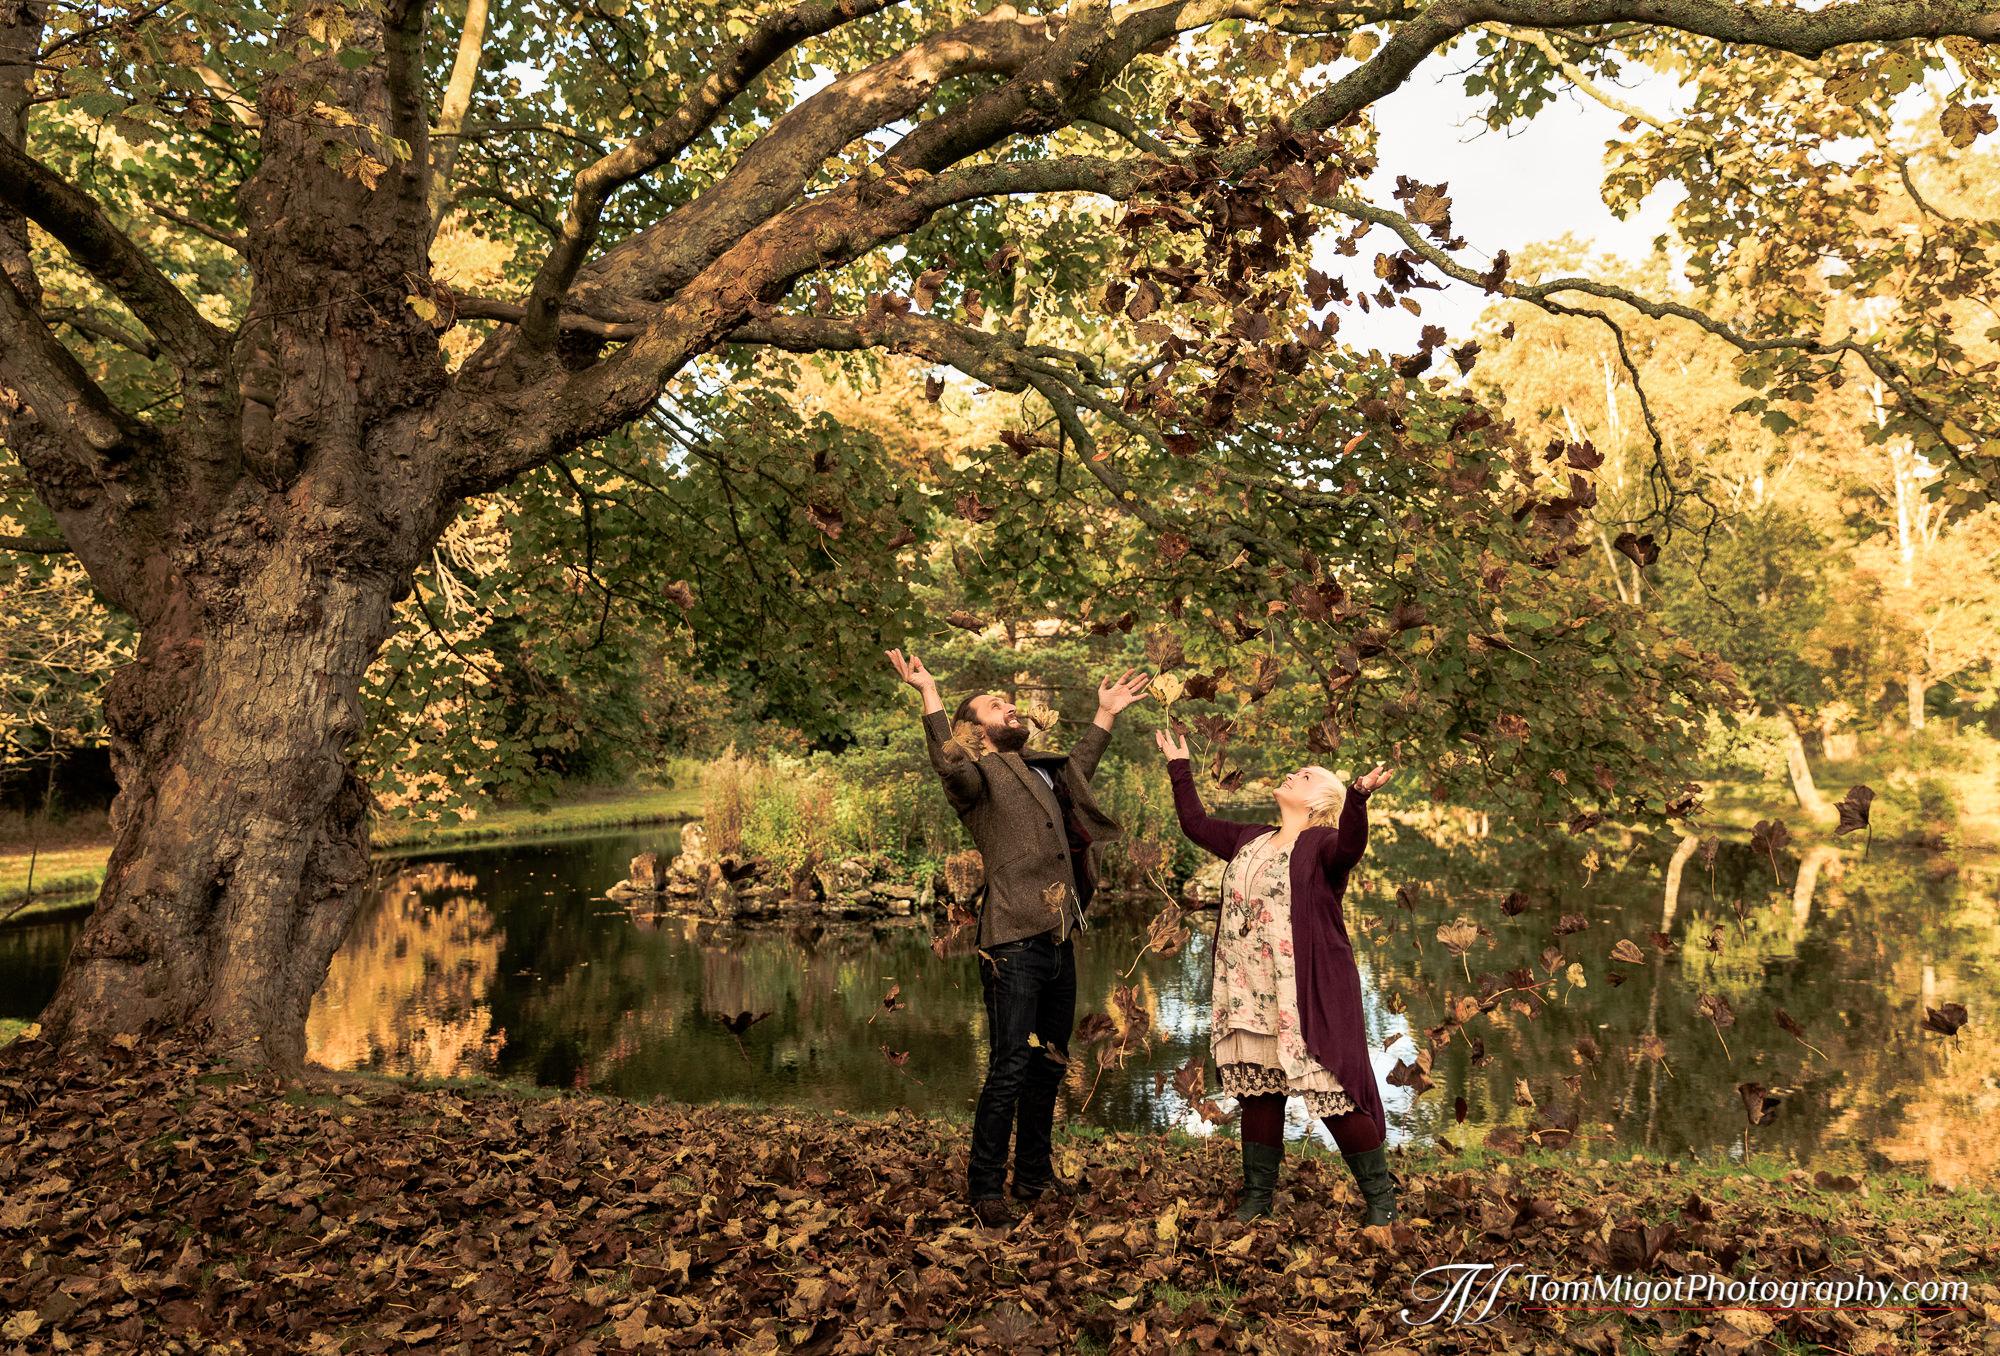 Les futurs mariés jouant avec les feuilles morte pendant la séance photo d'avant mariage